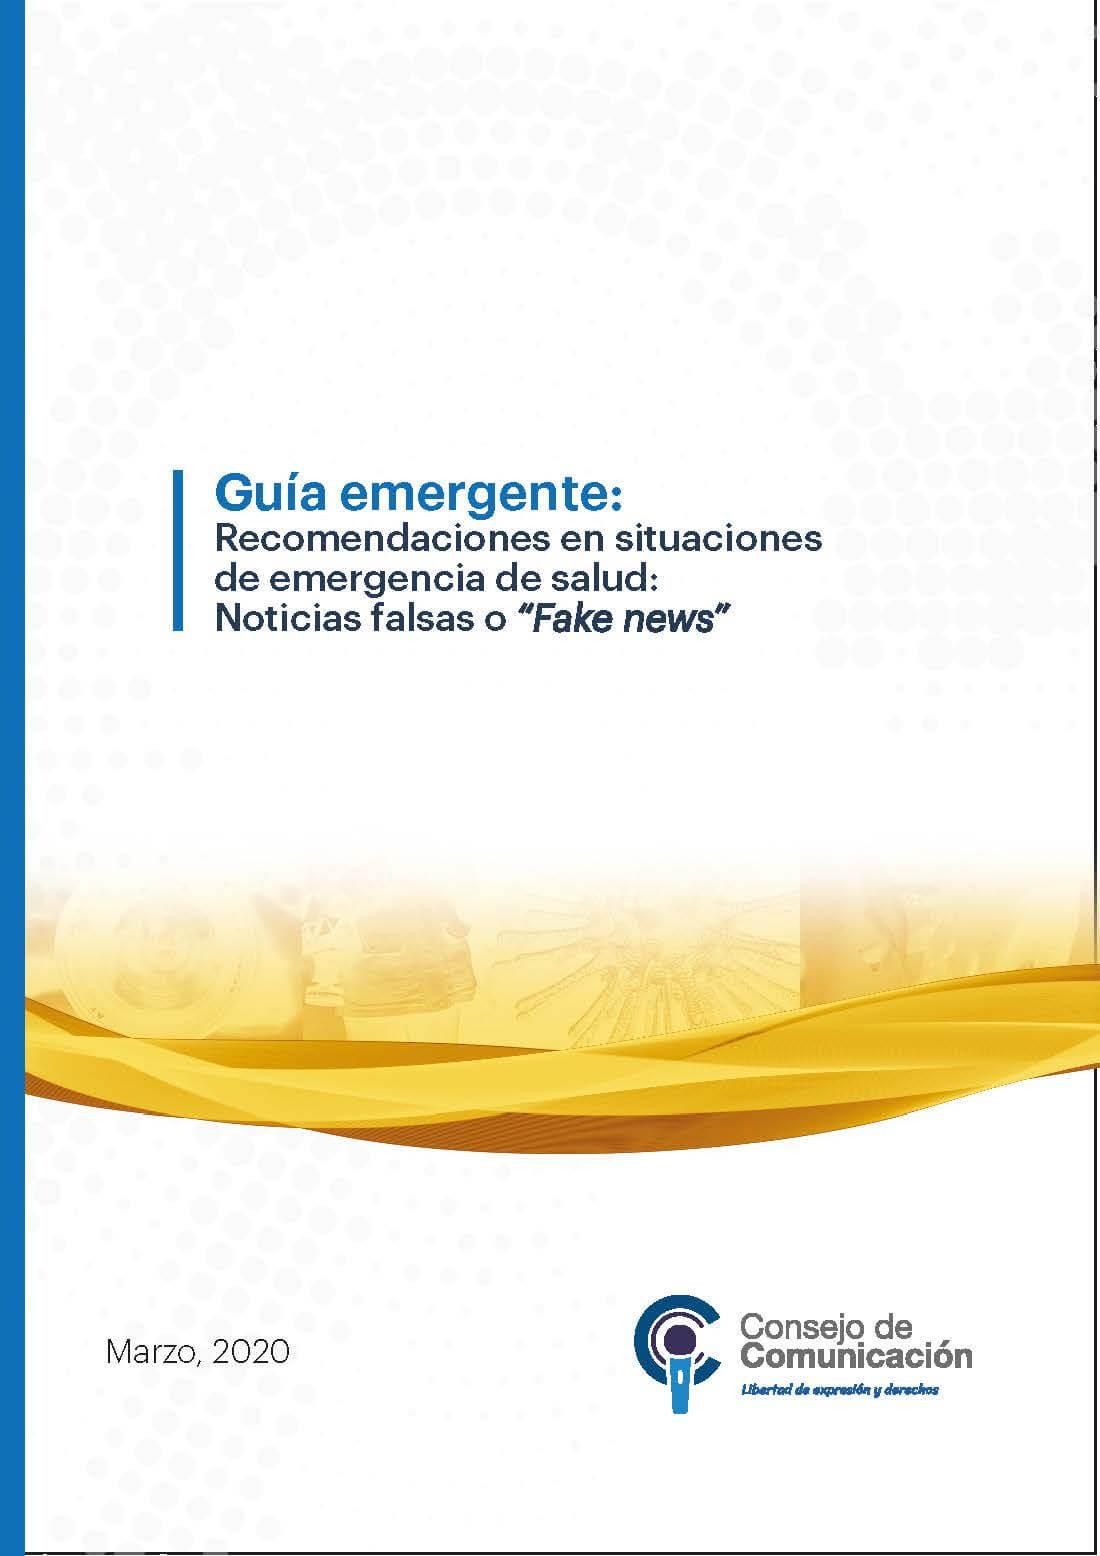 Guía emergente Recomendaciones en situaciones de emergencia de salud. Noticias falsas o fake news